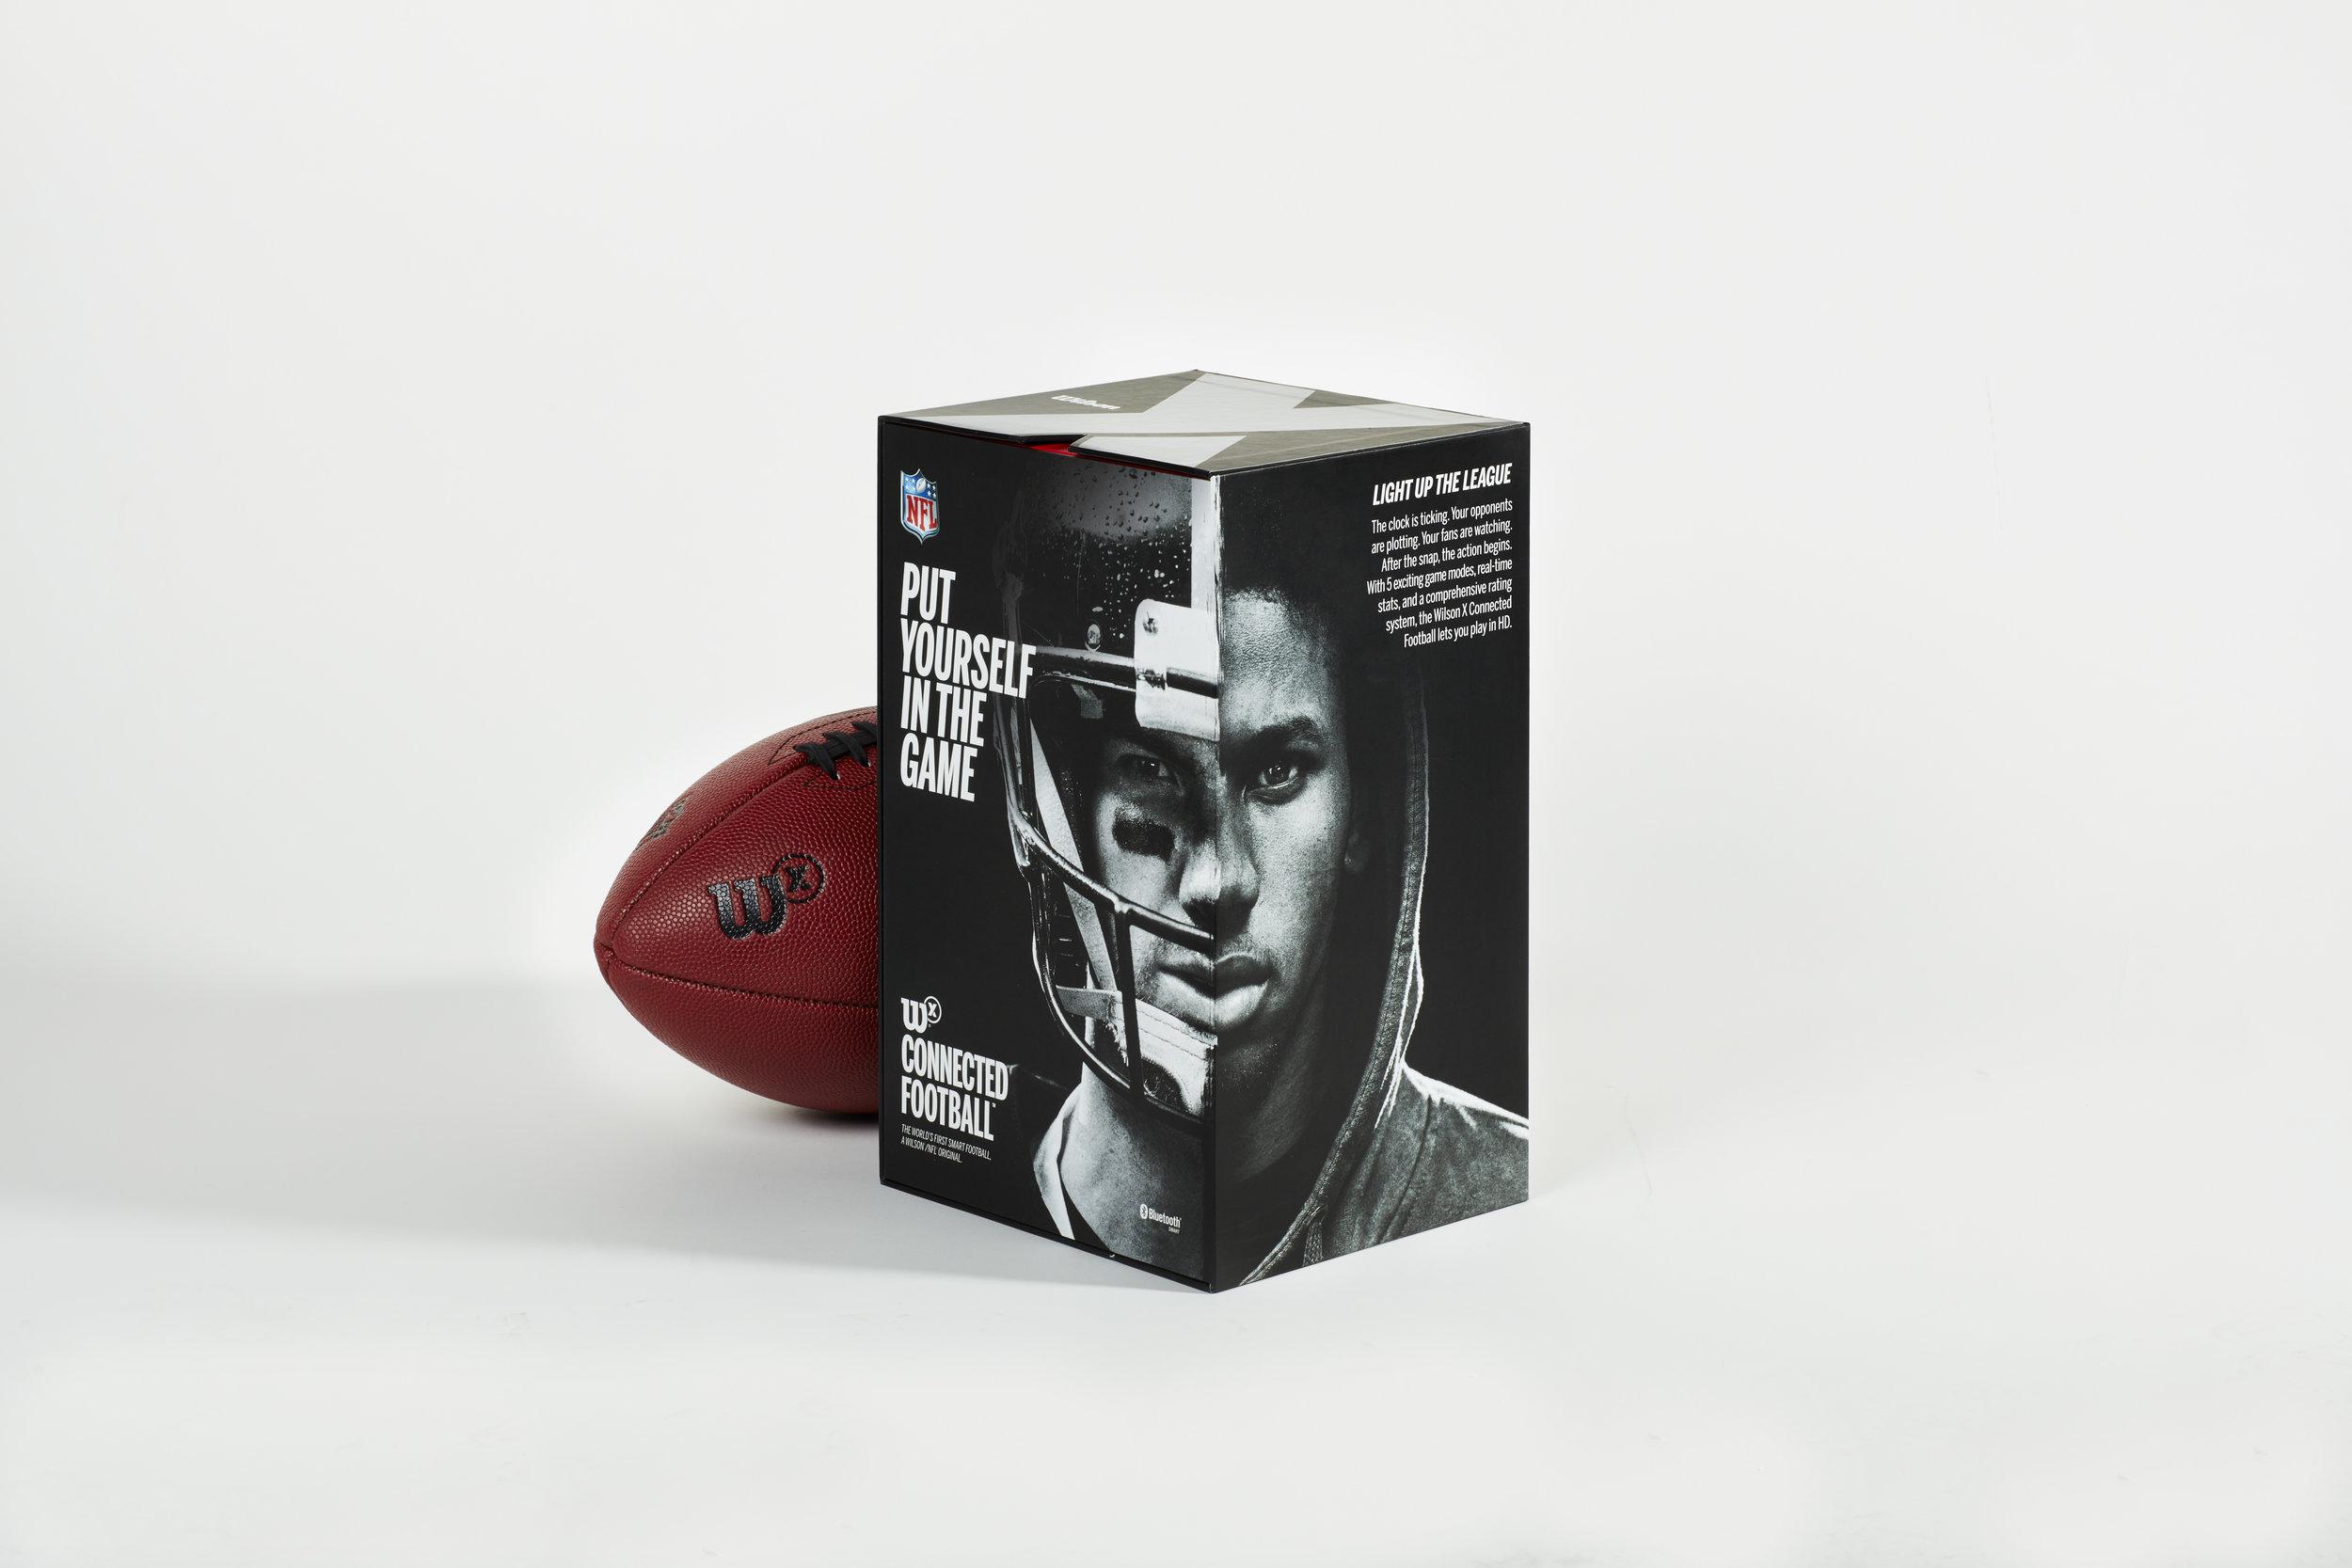 Wx_Football_Packaging_Beauty_Shots_010.jpg